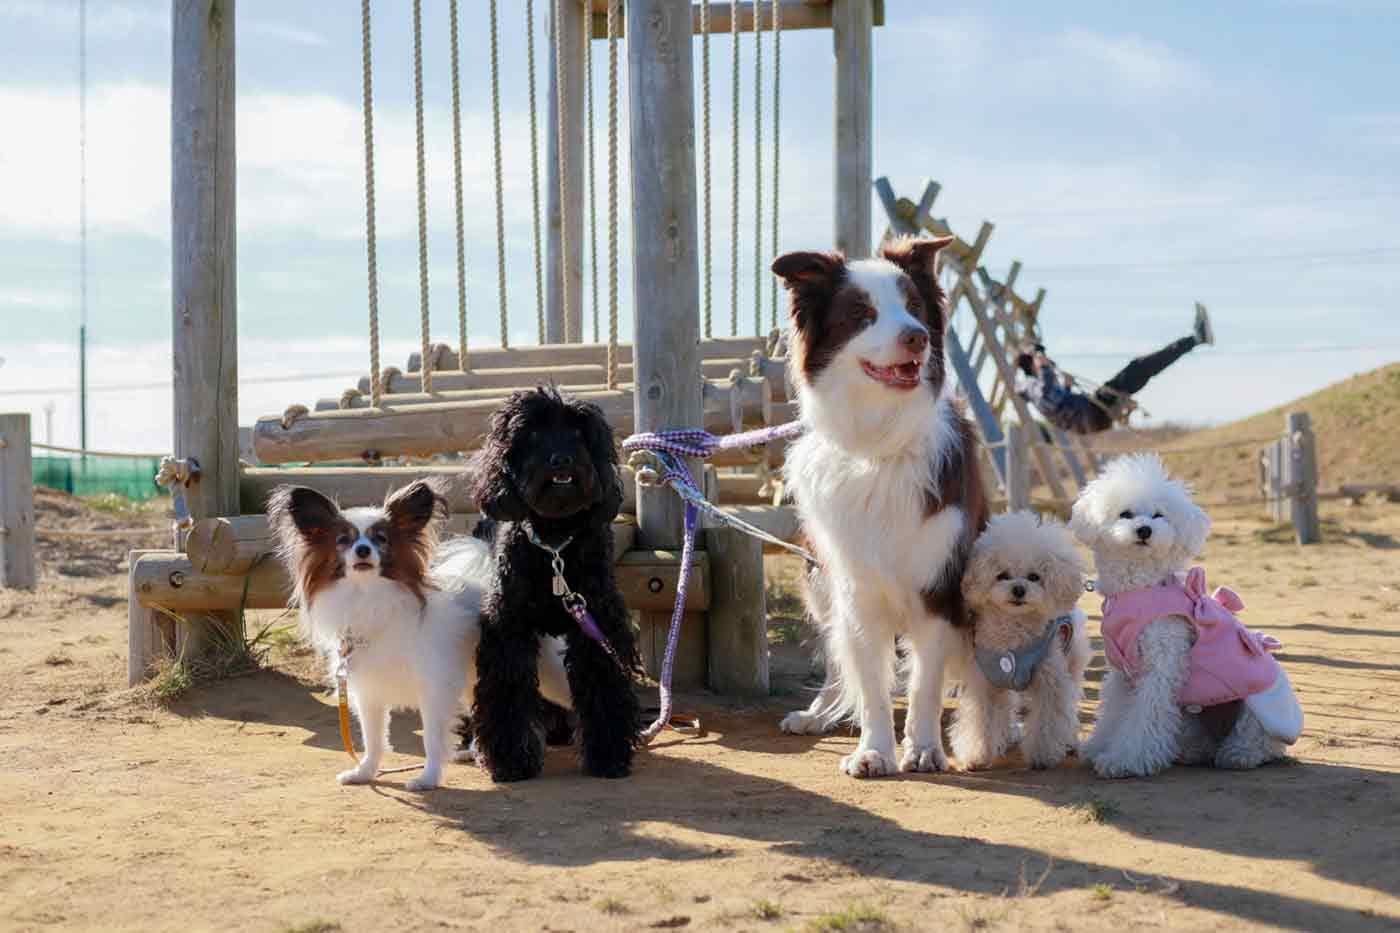 海の駅 九十九里 愛犬と立ち寄りスポット 公園